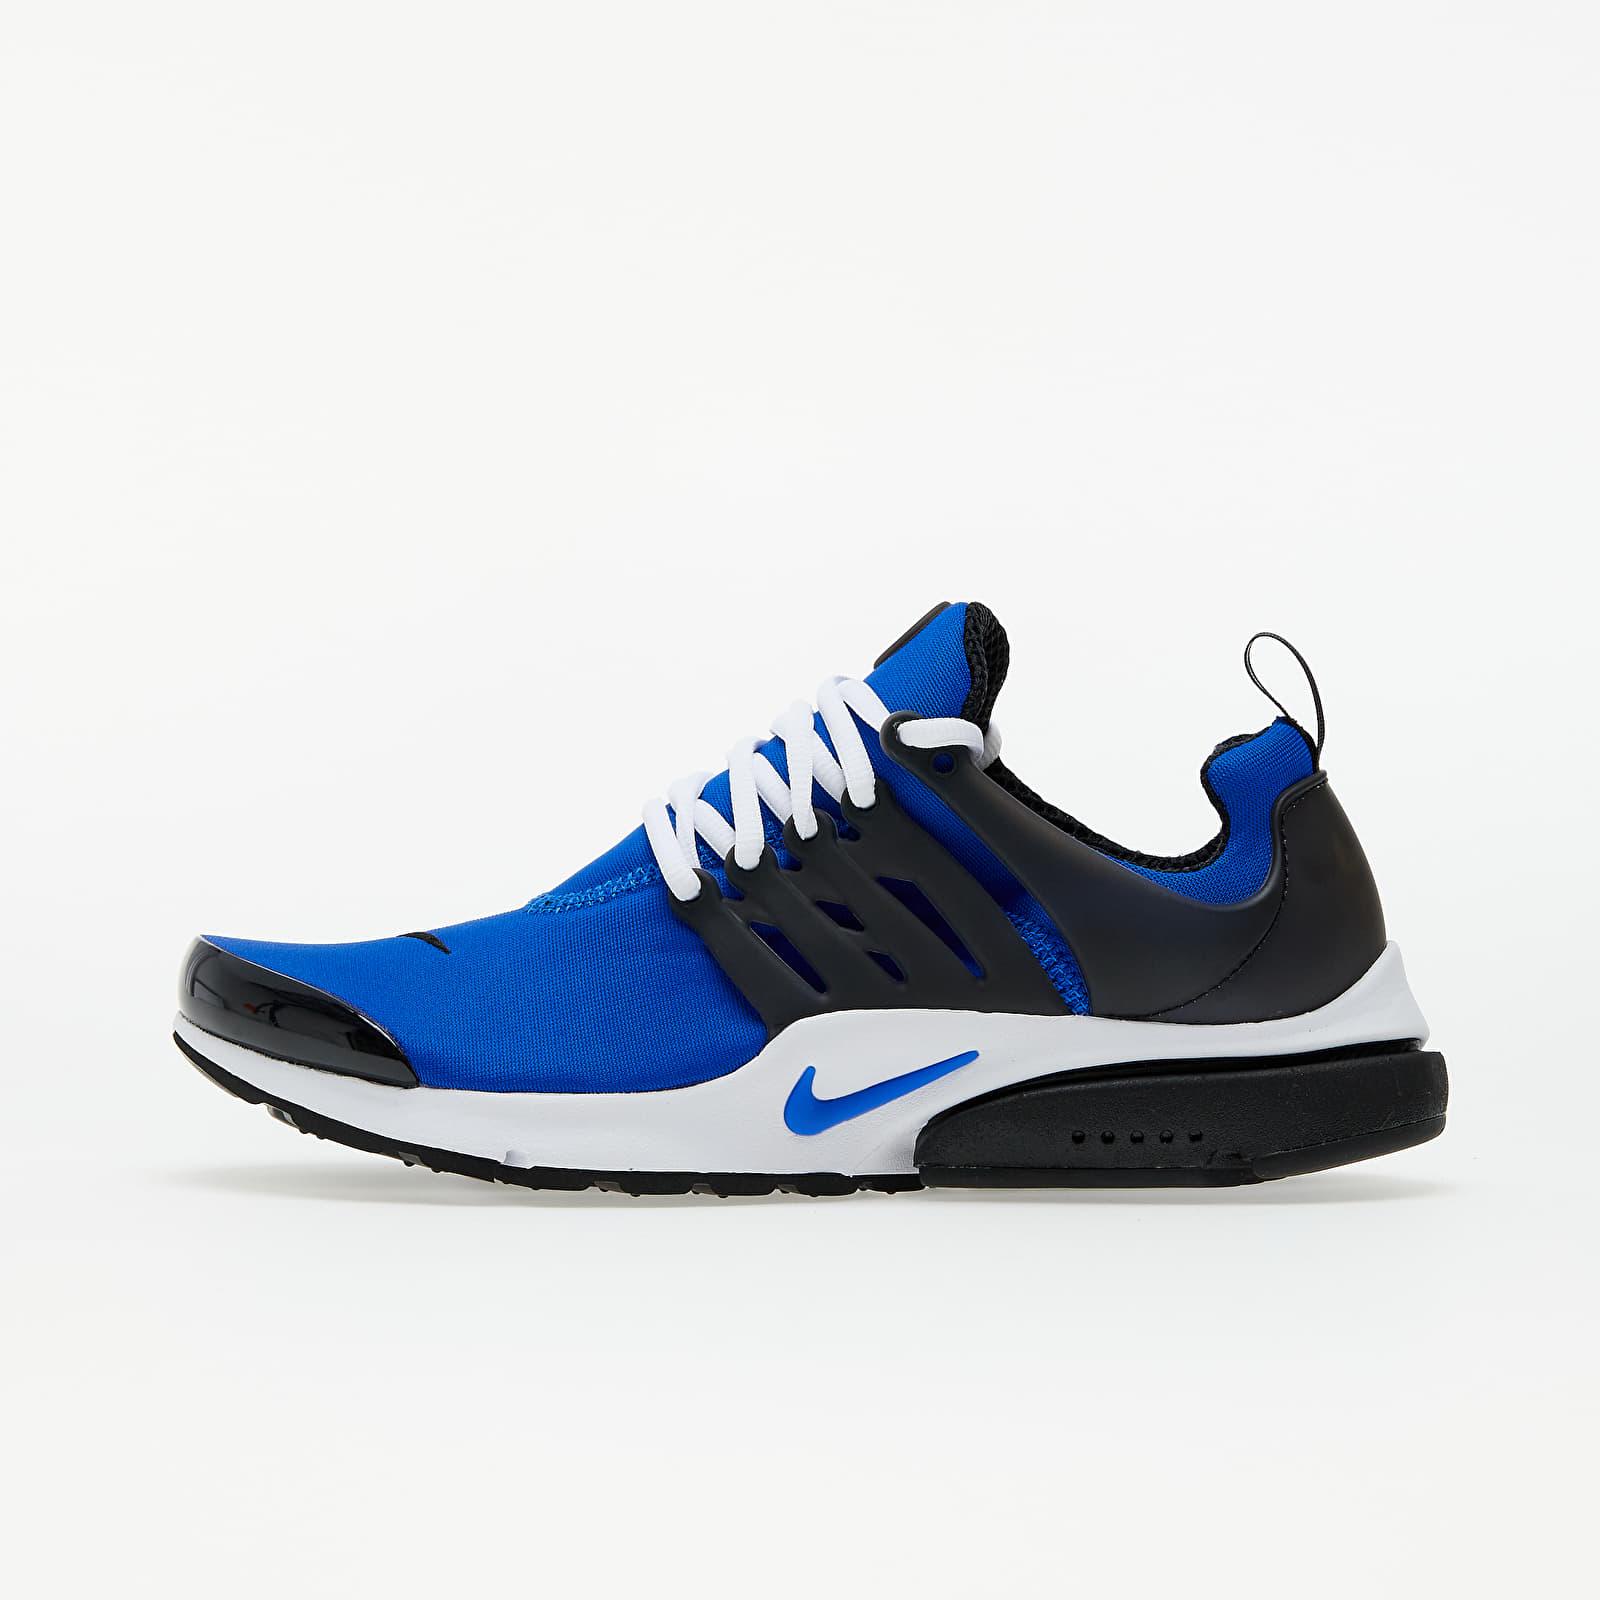 Nike Air Presto Racer Blue/ Racer Blue-Black-White EUR 40